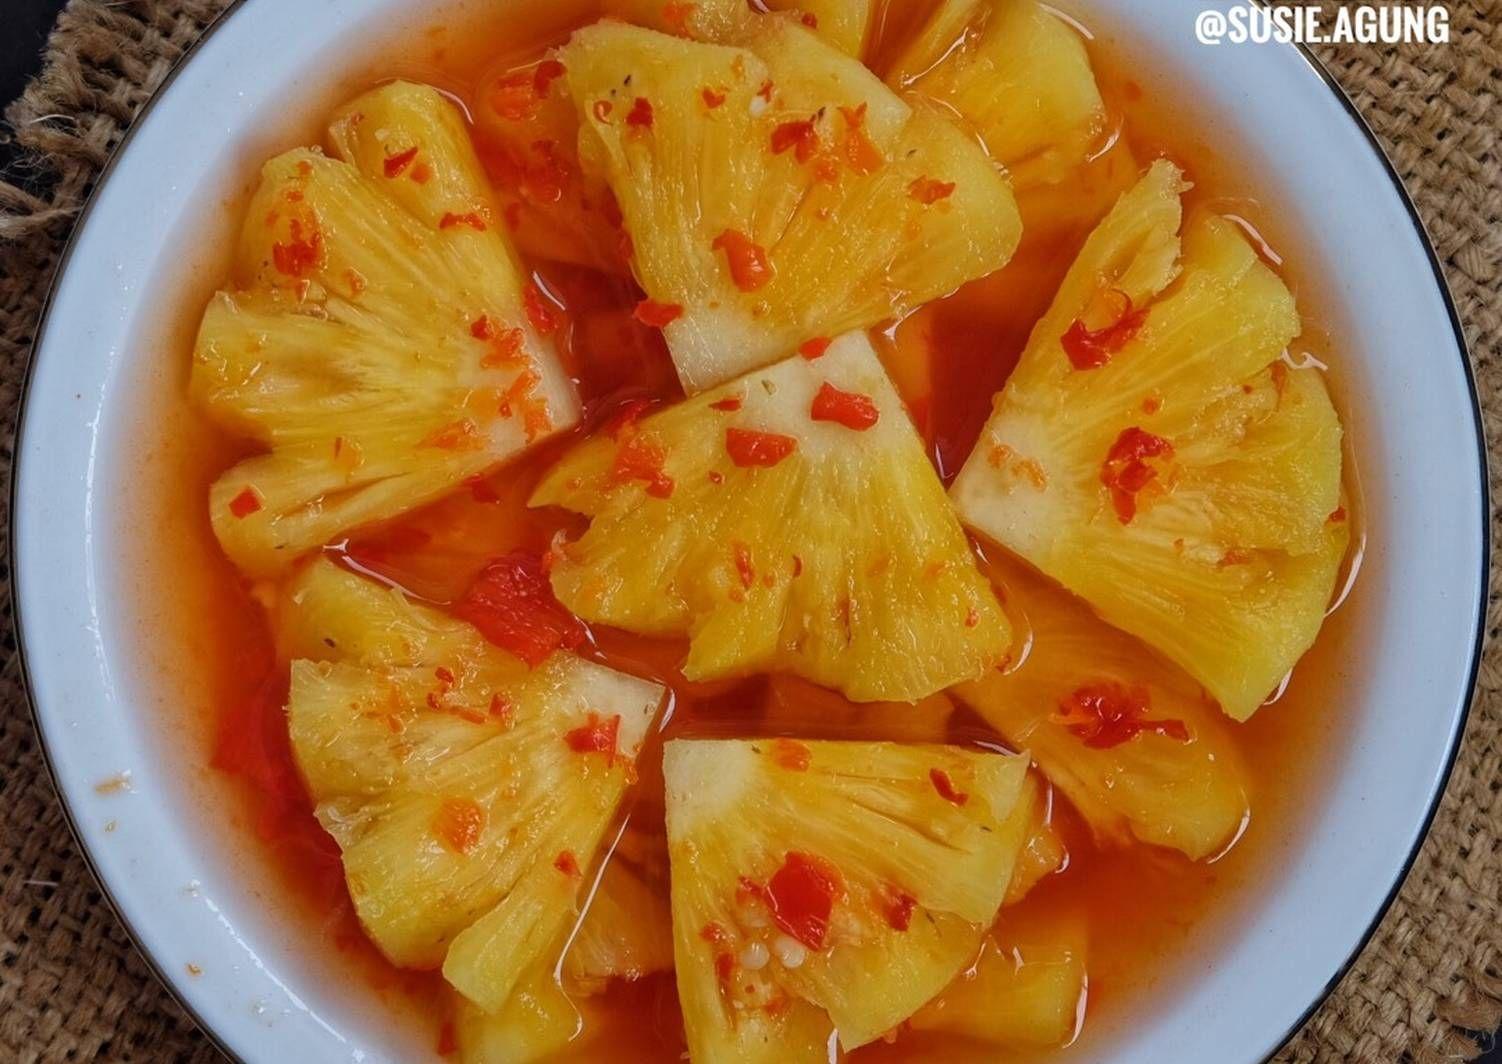 Resep Asinan Nanas Oleh Susi Agung Resep Resep Nanas Makanan